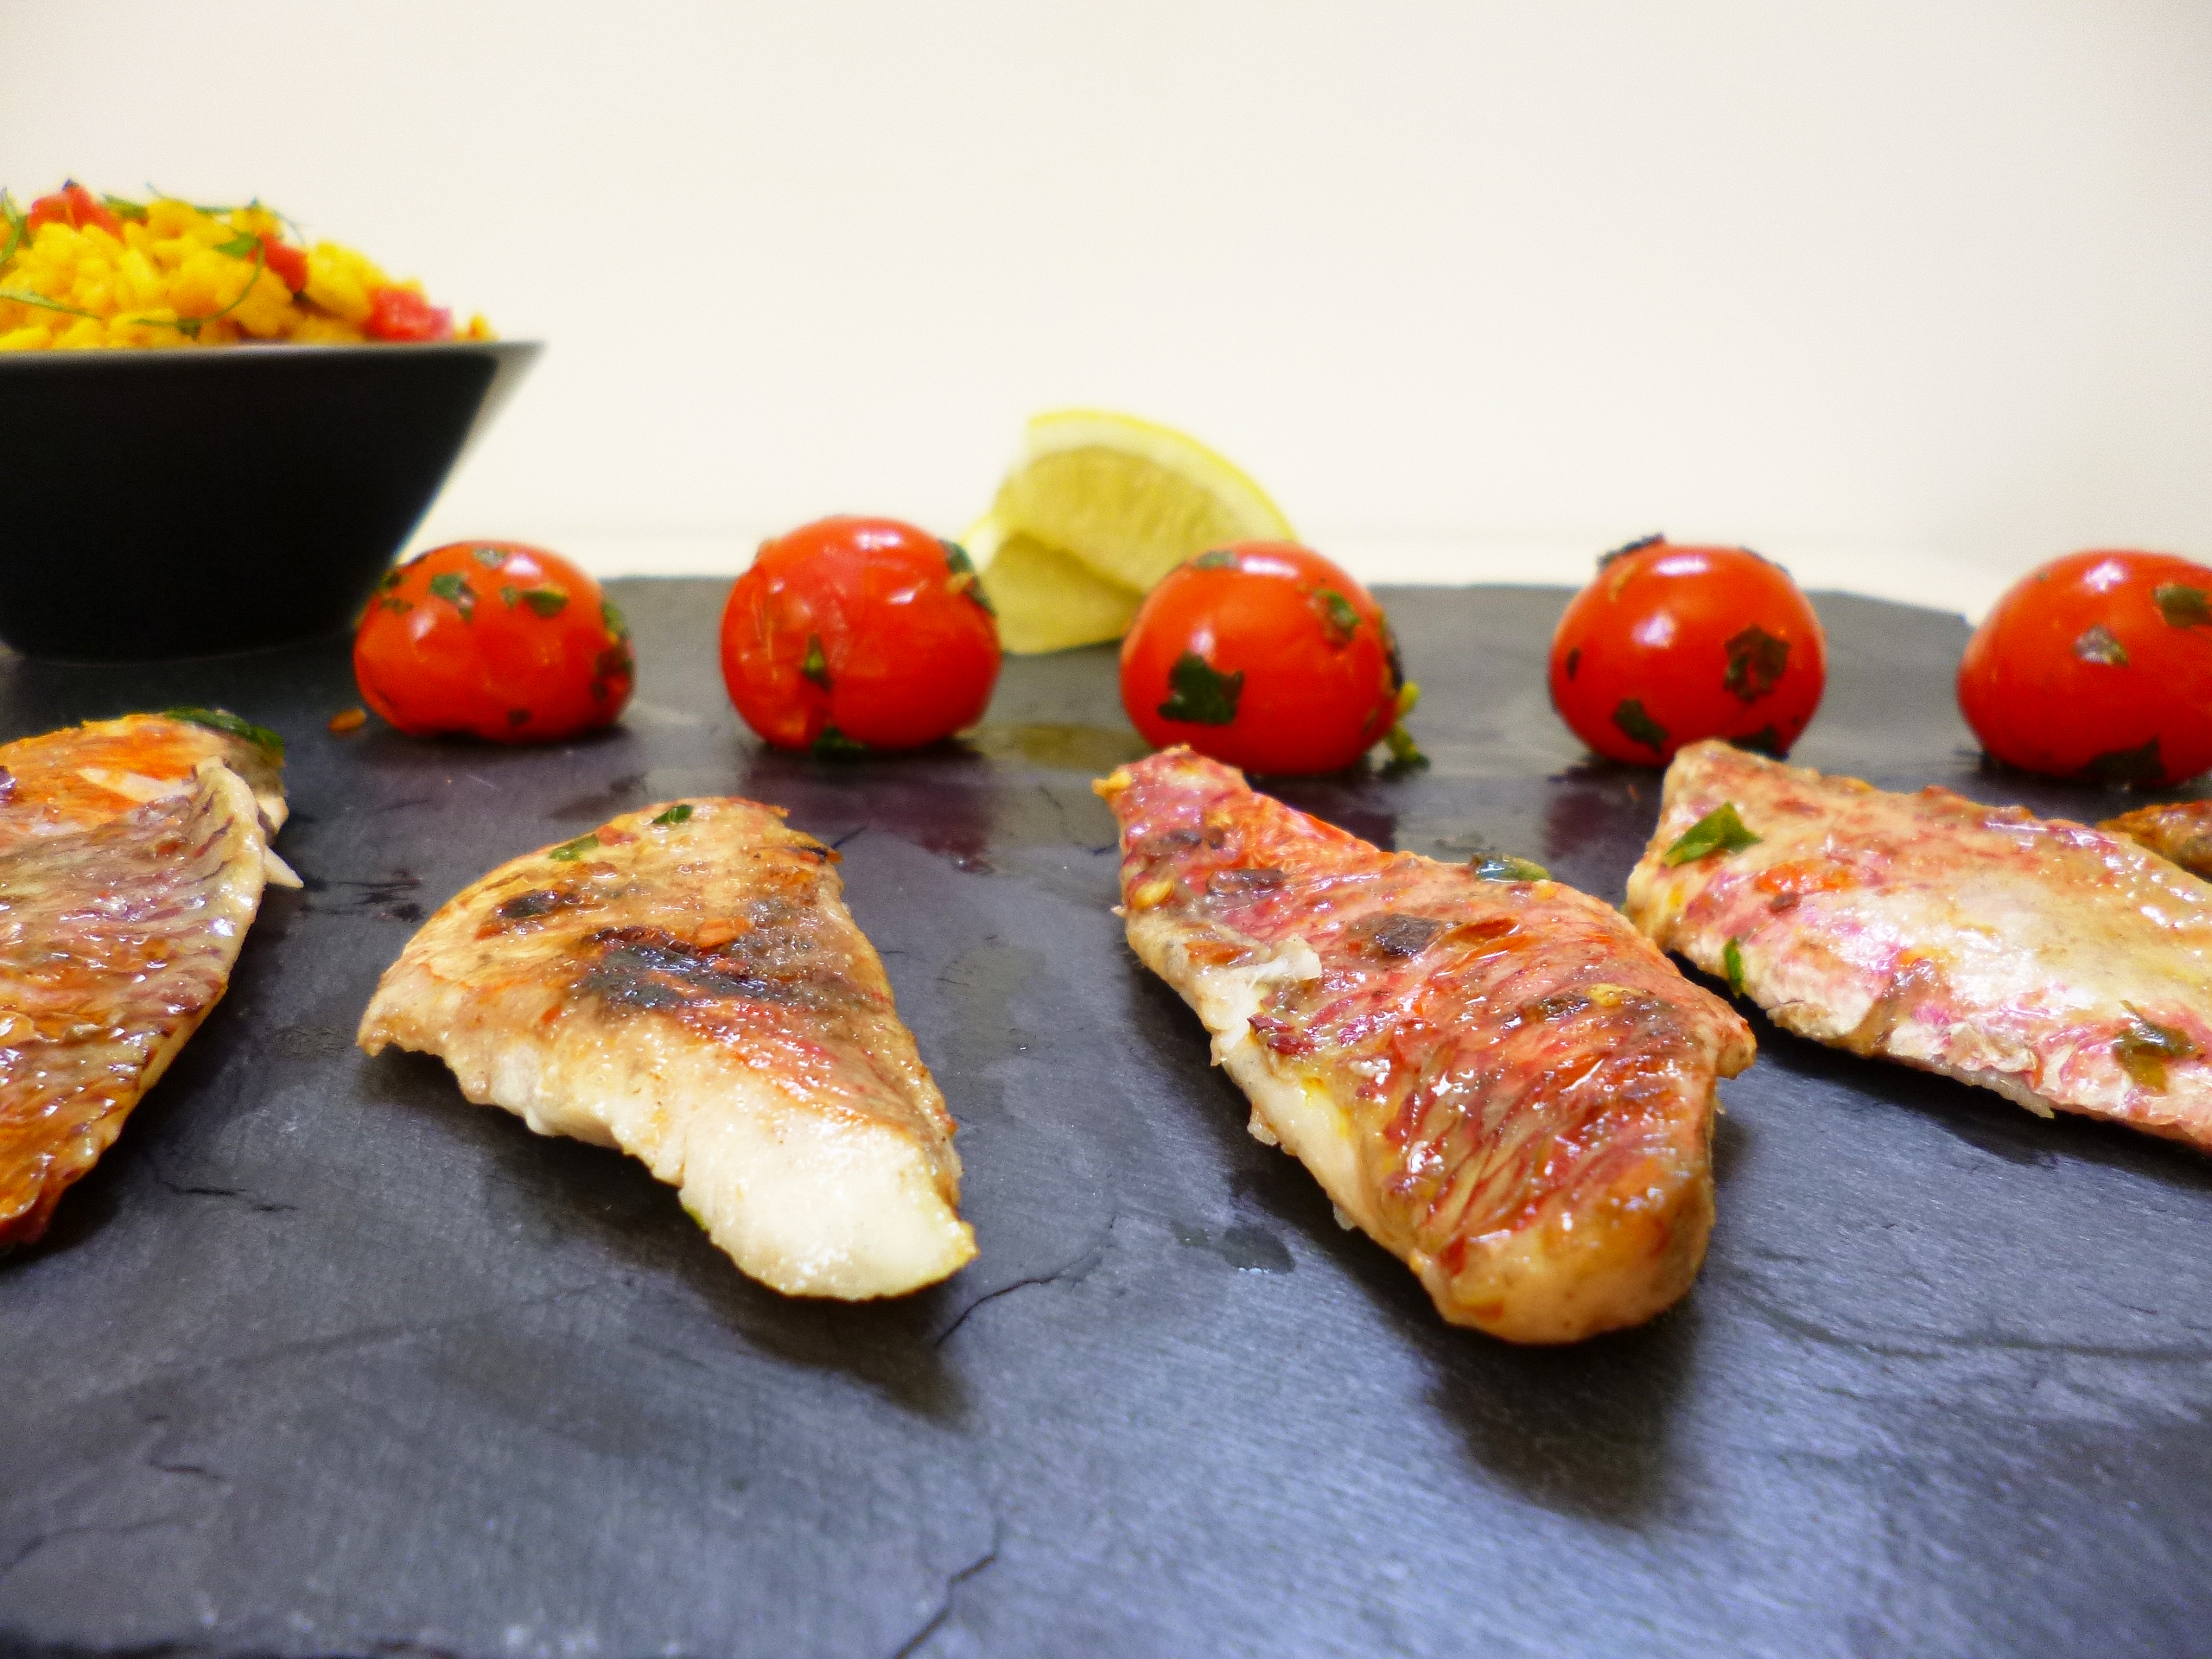 Filets de rouget la plancha la recette facile par toqu s 2 cuisine - Cuisine plancha facile ...